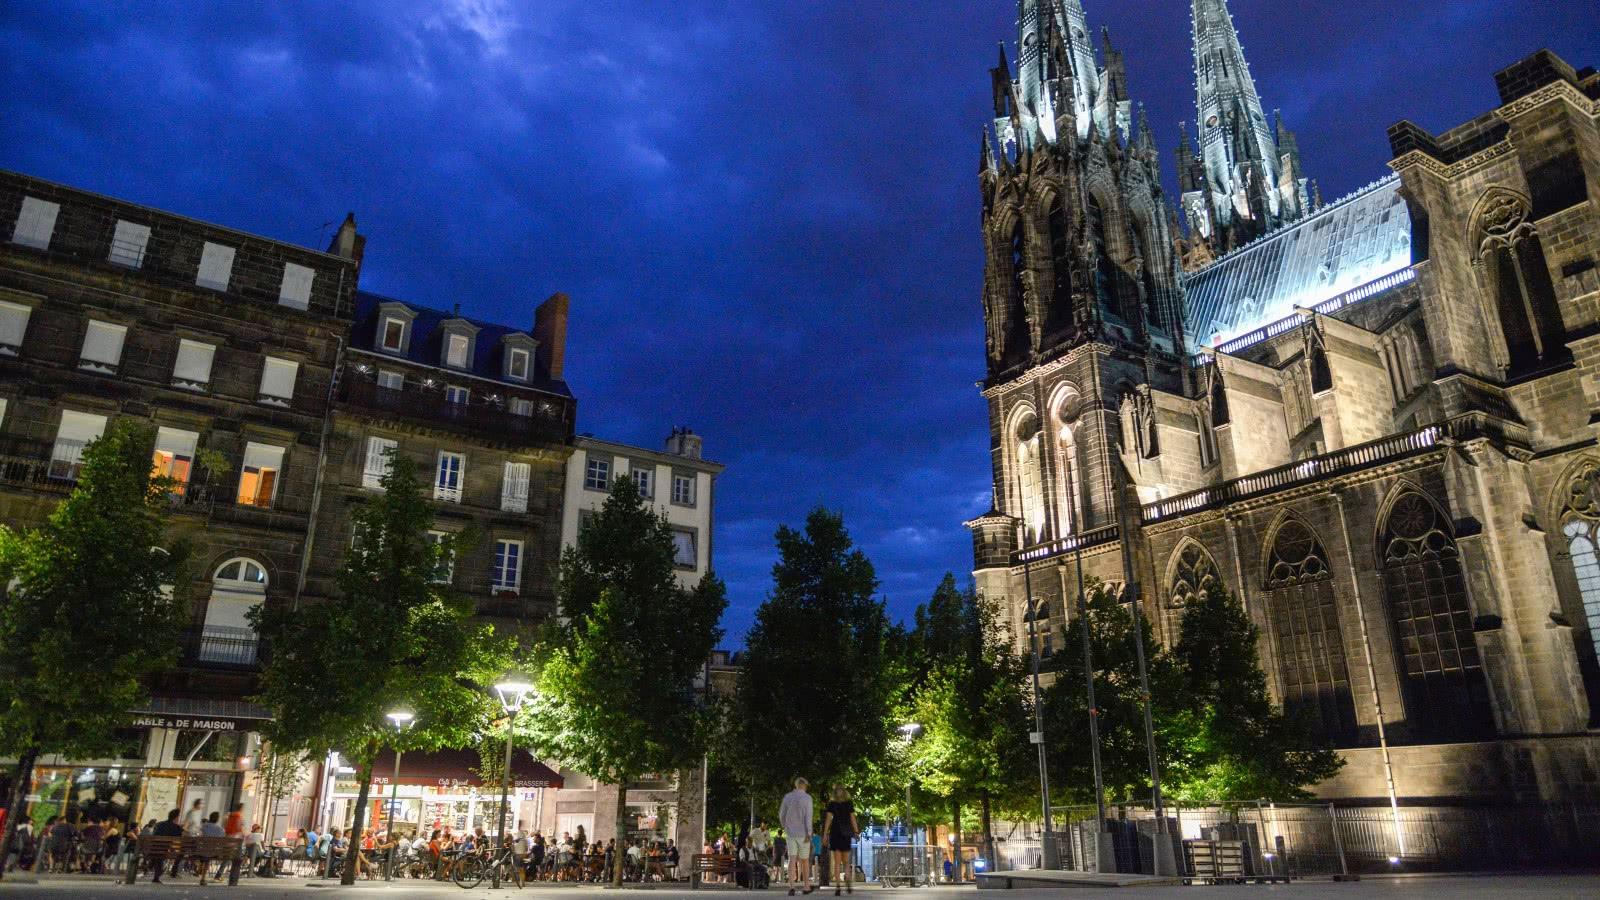 Place de la victoire en soirée, nuit à Clermont-Ferrand